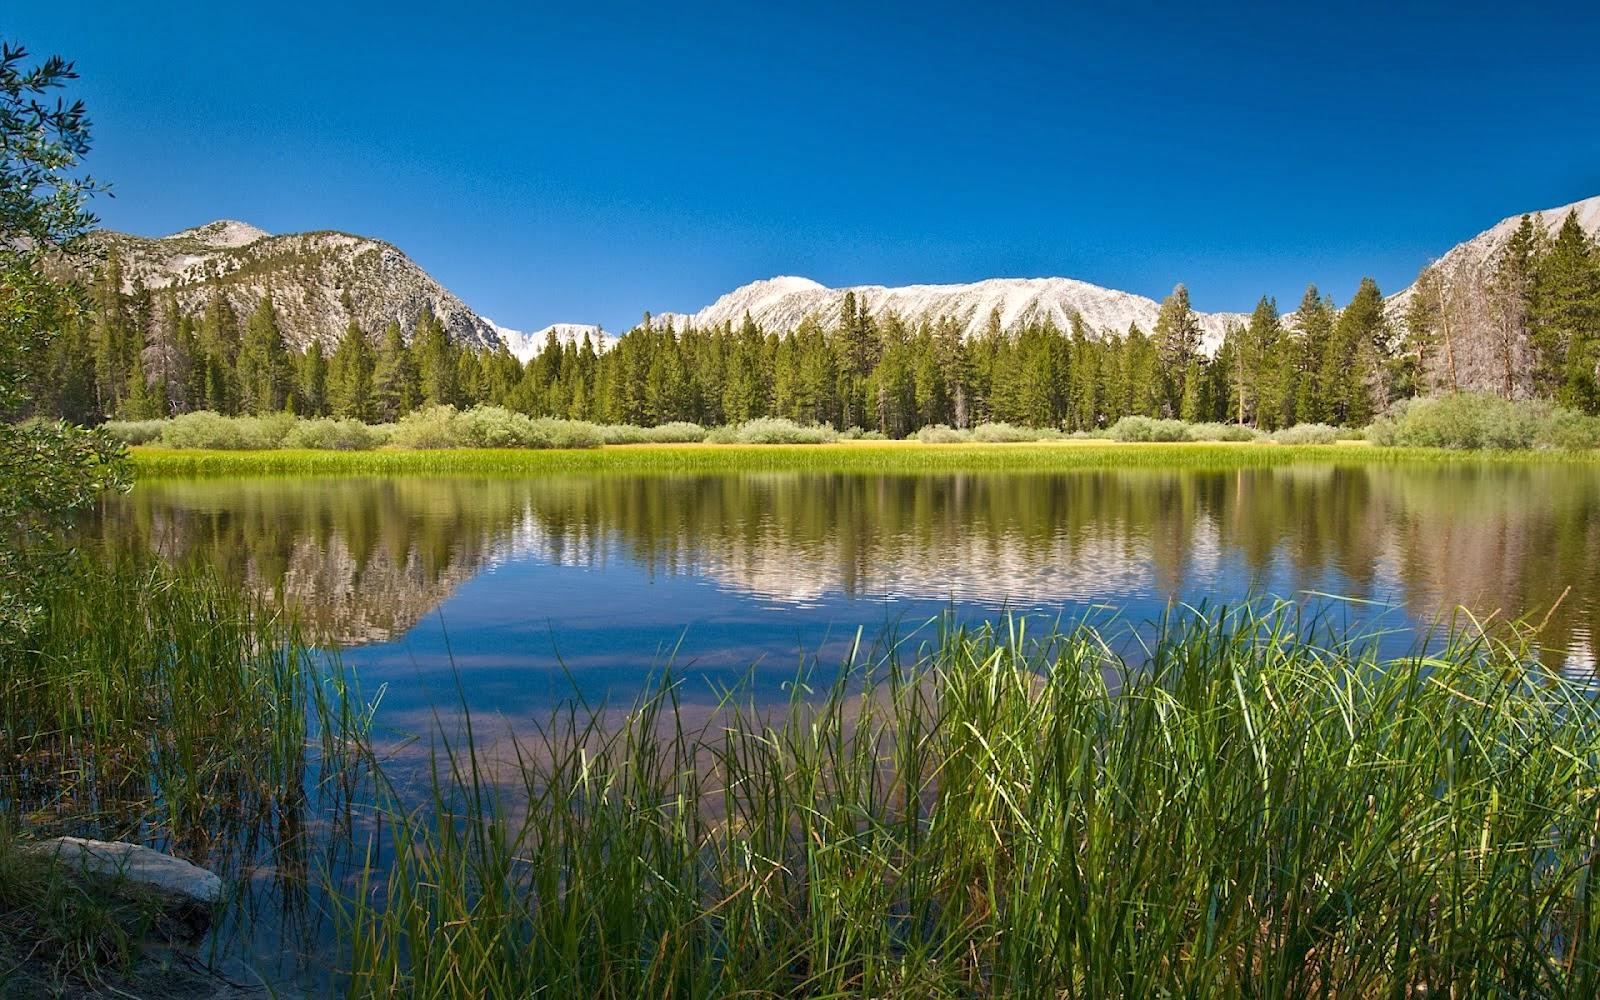 World Most Beautiful Lake Wallpapers